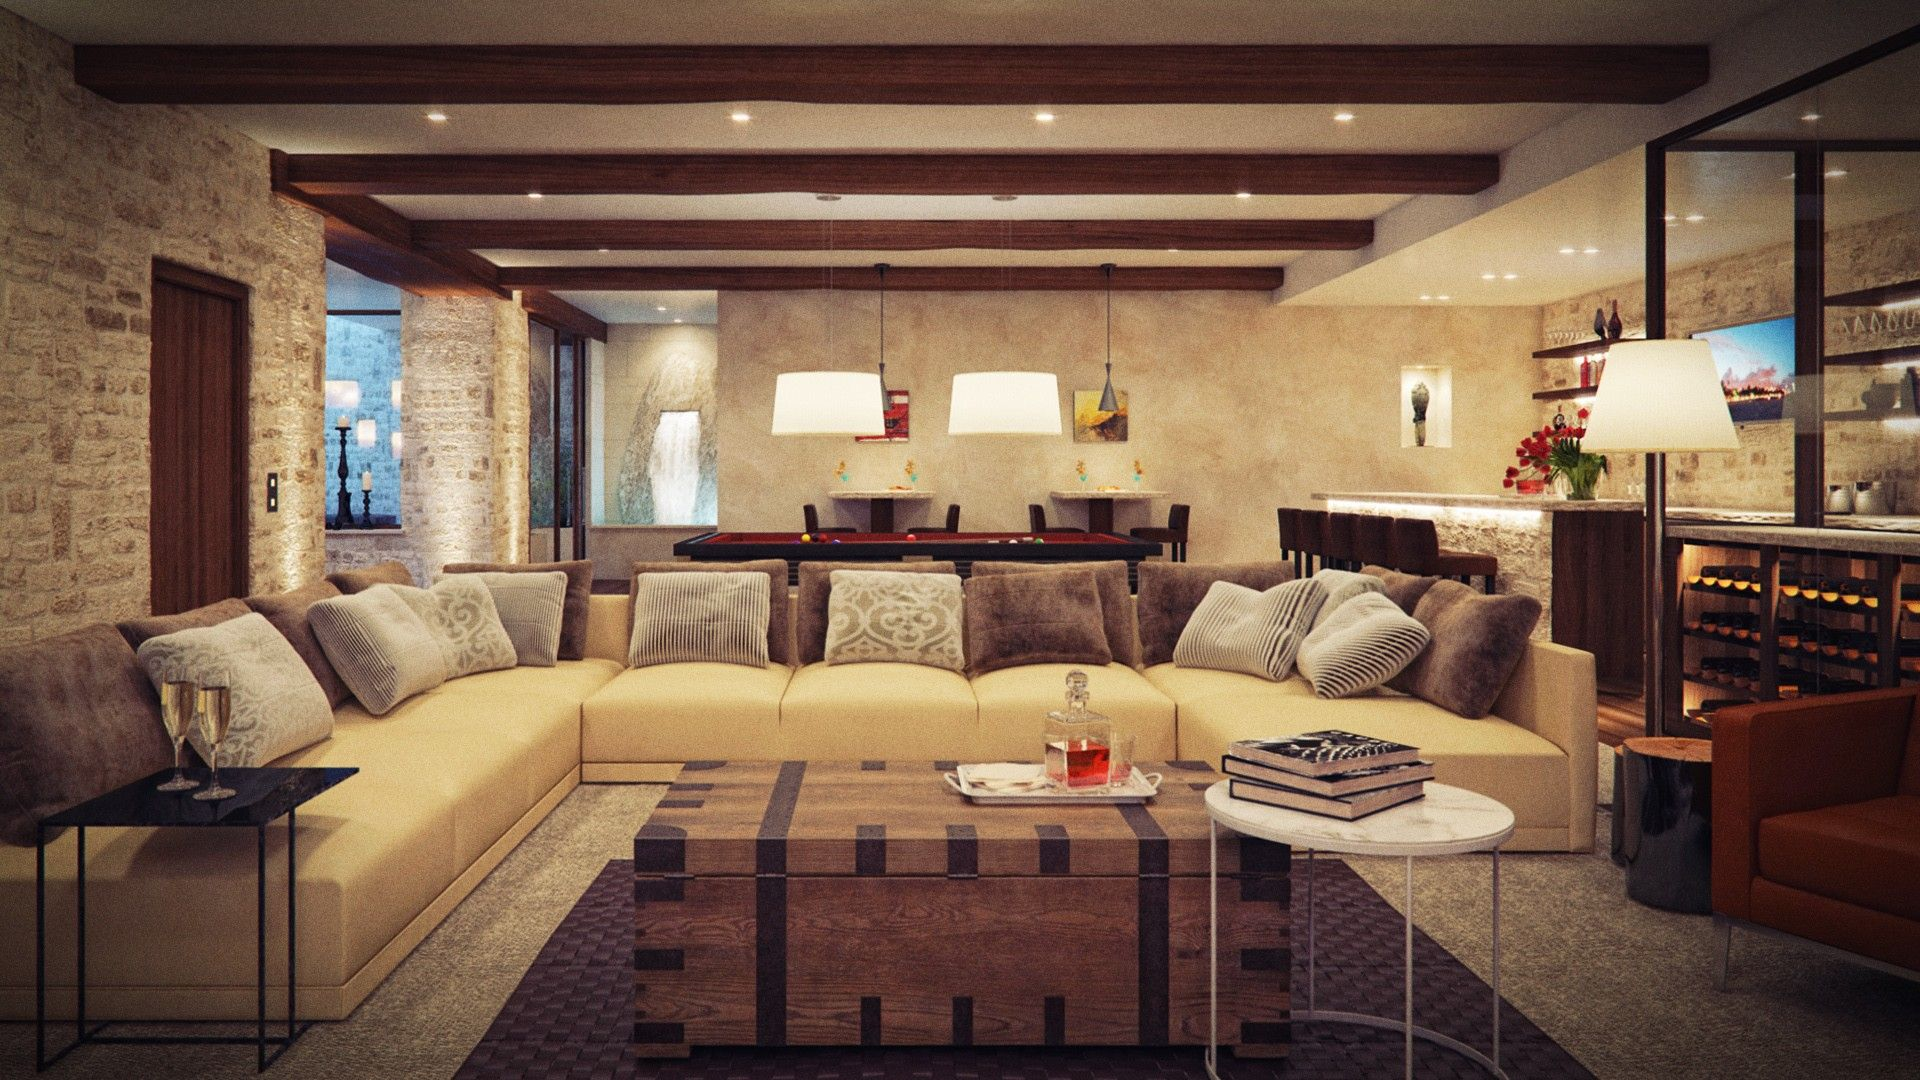 Modern Rustic Living Room Ideas Ideen Zum Streichen Wohnzimmer